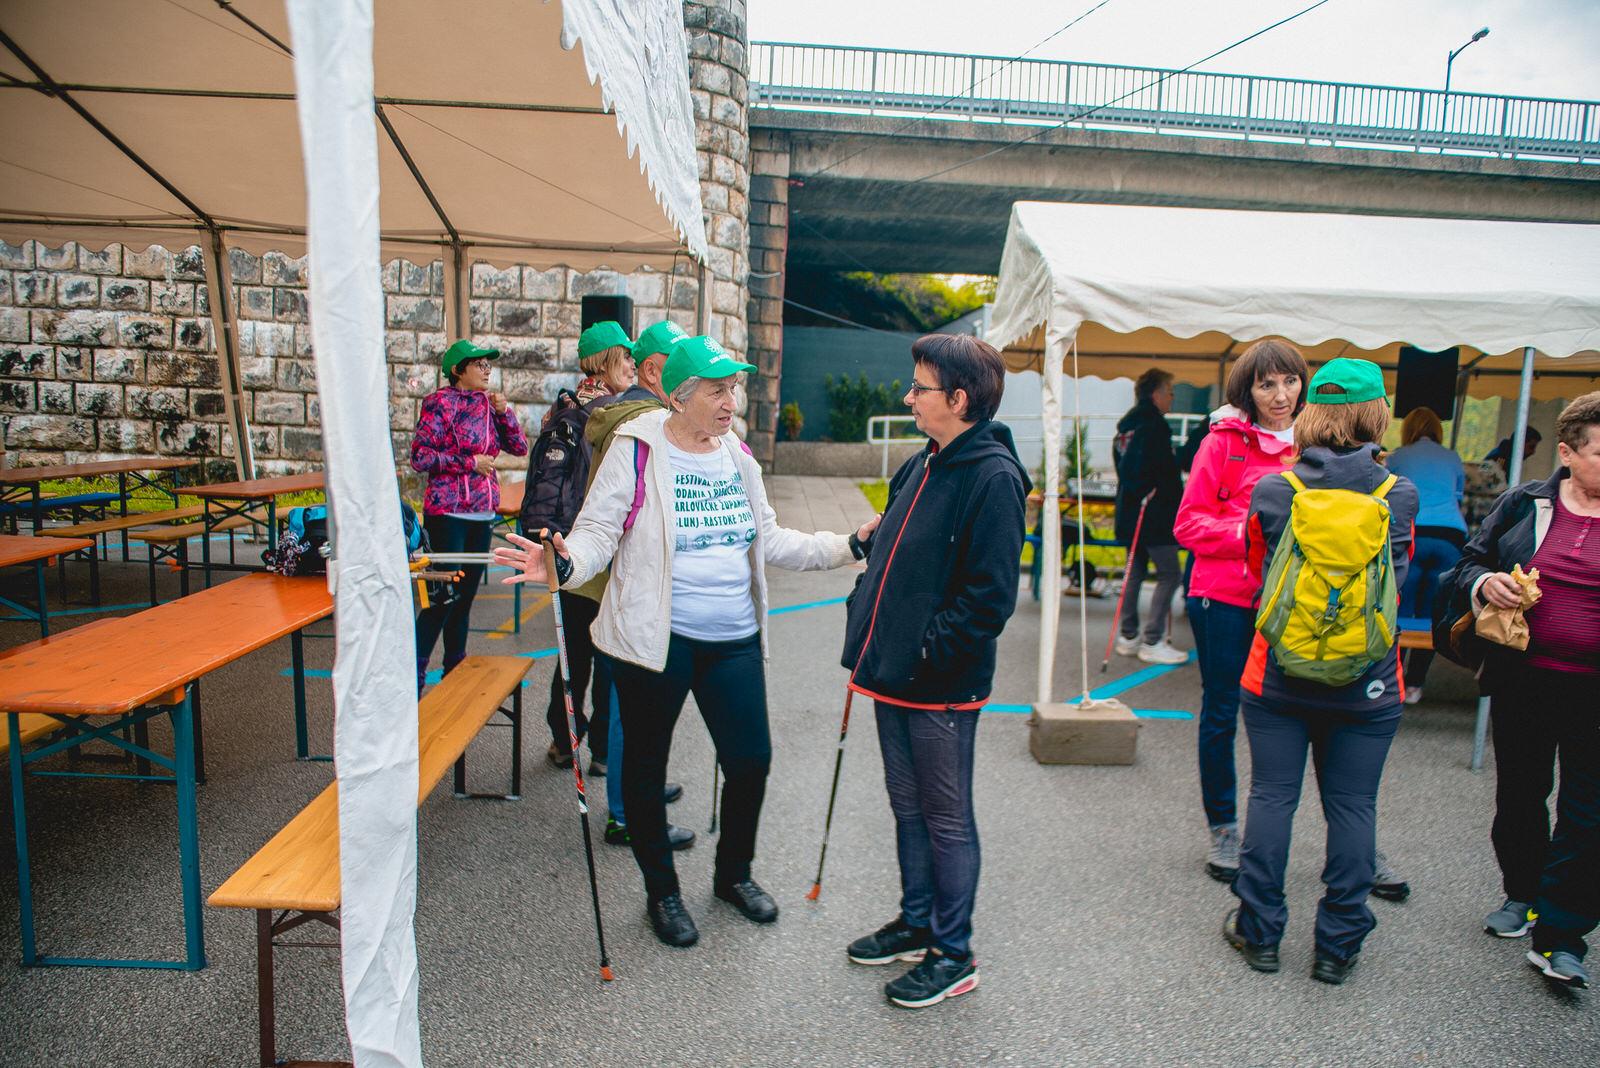 likaclub_slunj_rastoke_5-festival-nordijskog-hodanja_2019-1